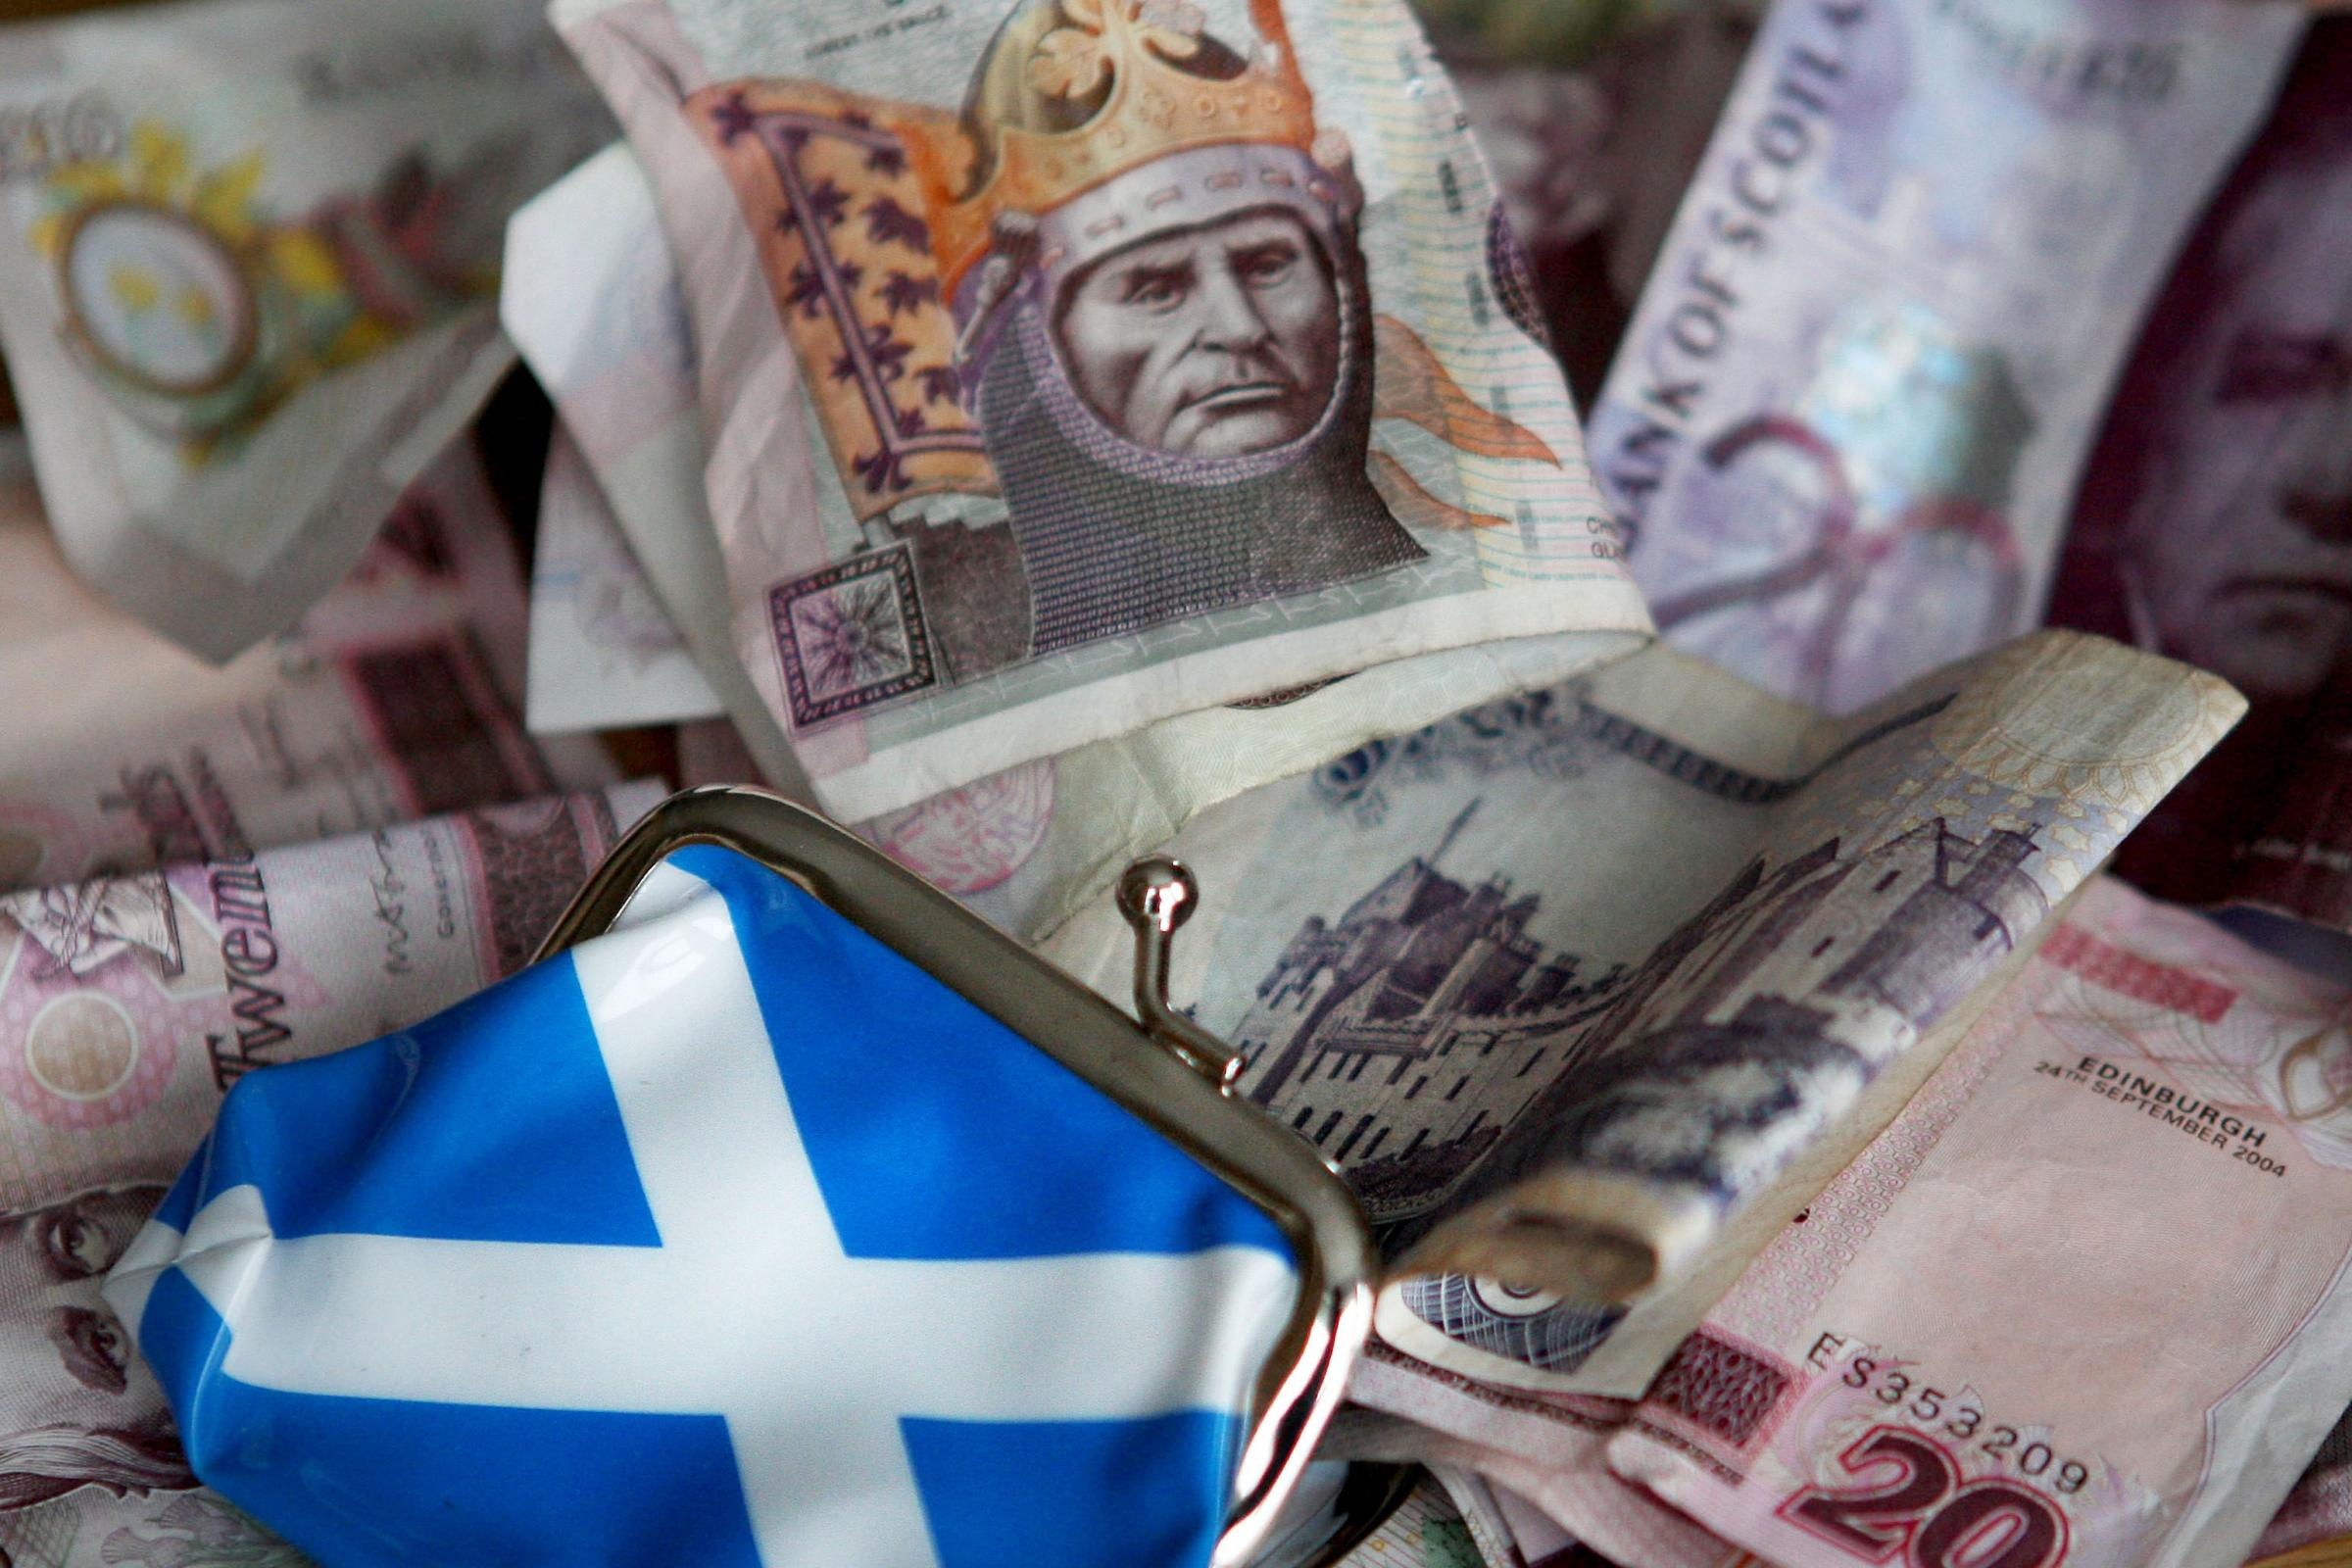 敦促低收入苏格兰人使用免费的金融健康服务